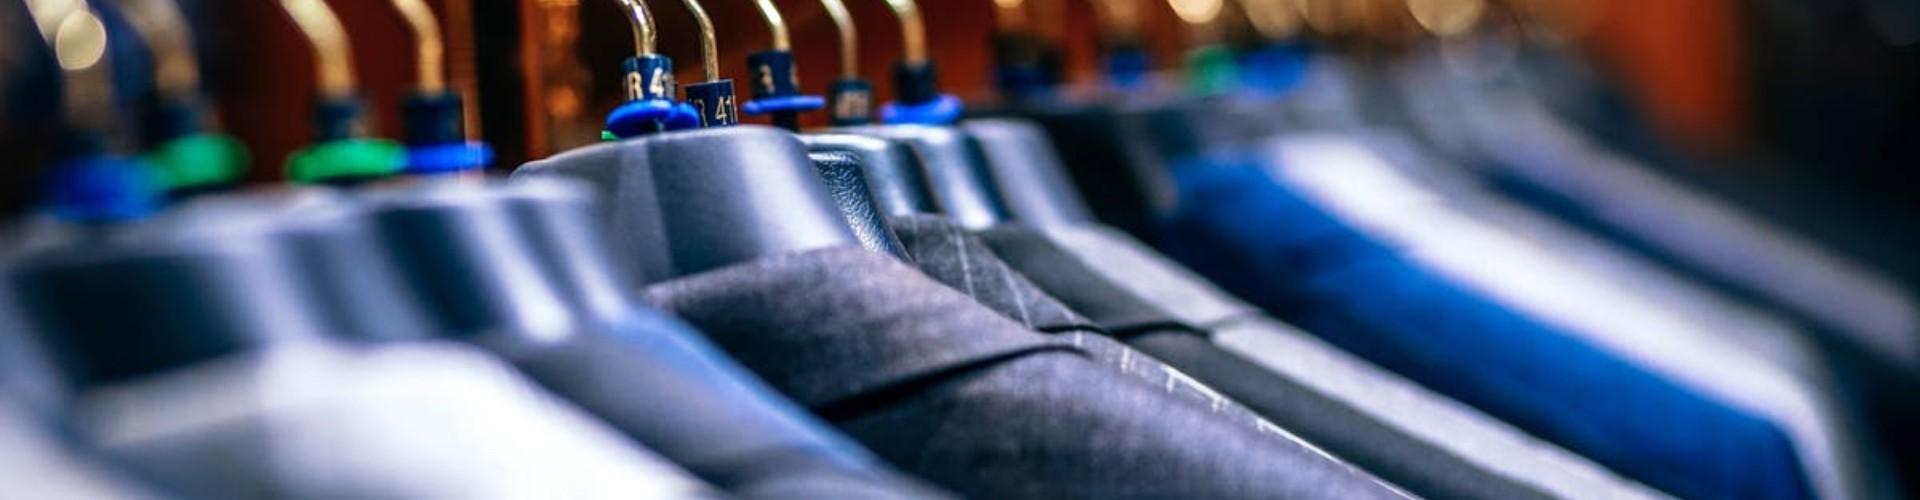 Dress code w pracy — jaki strój do pracy? Co to jest strój formalny?